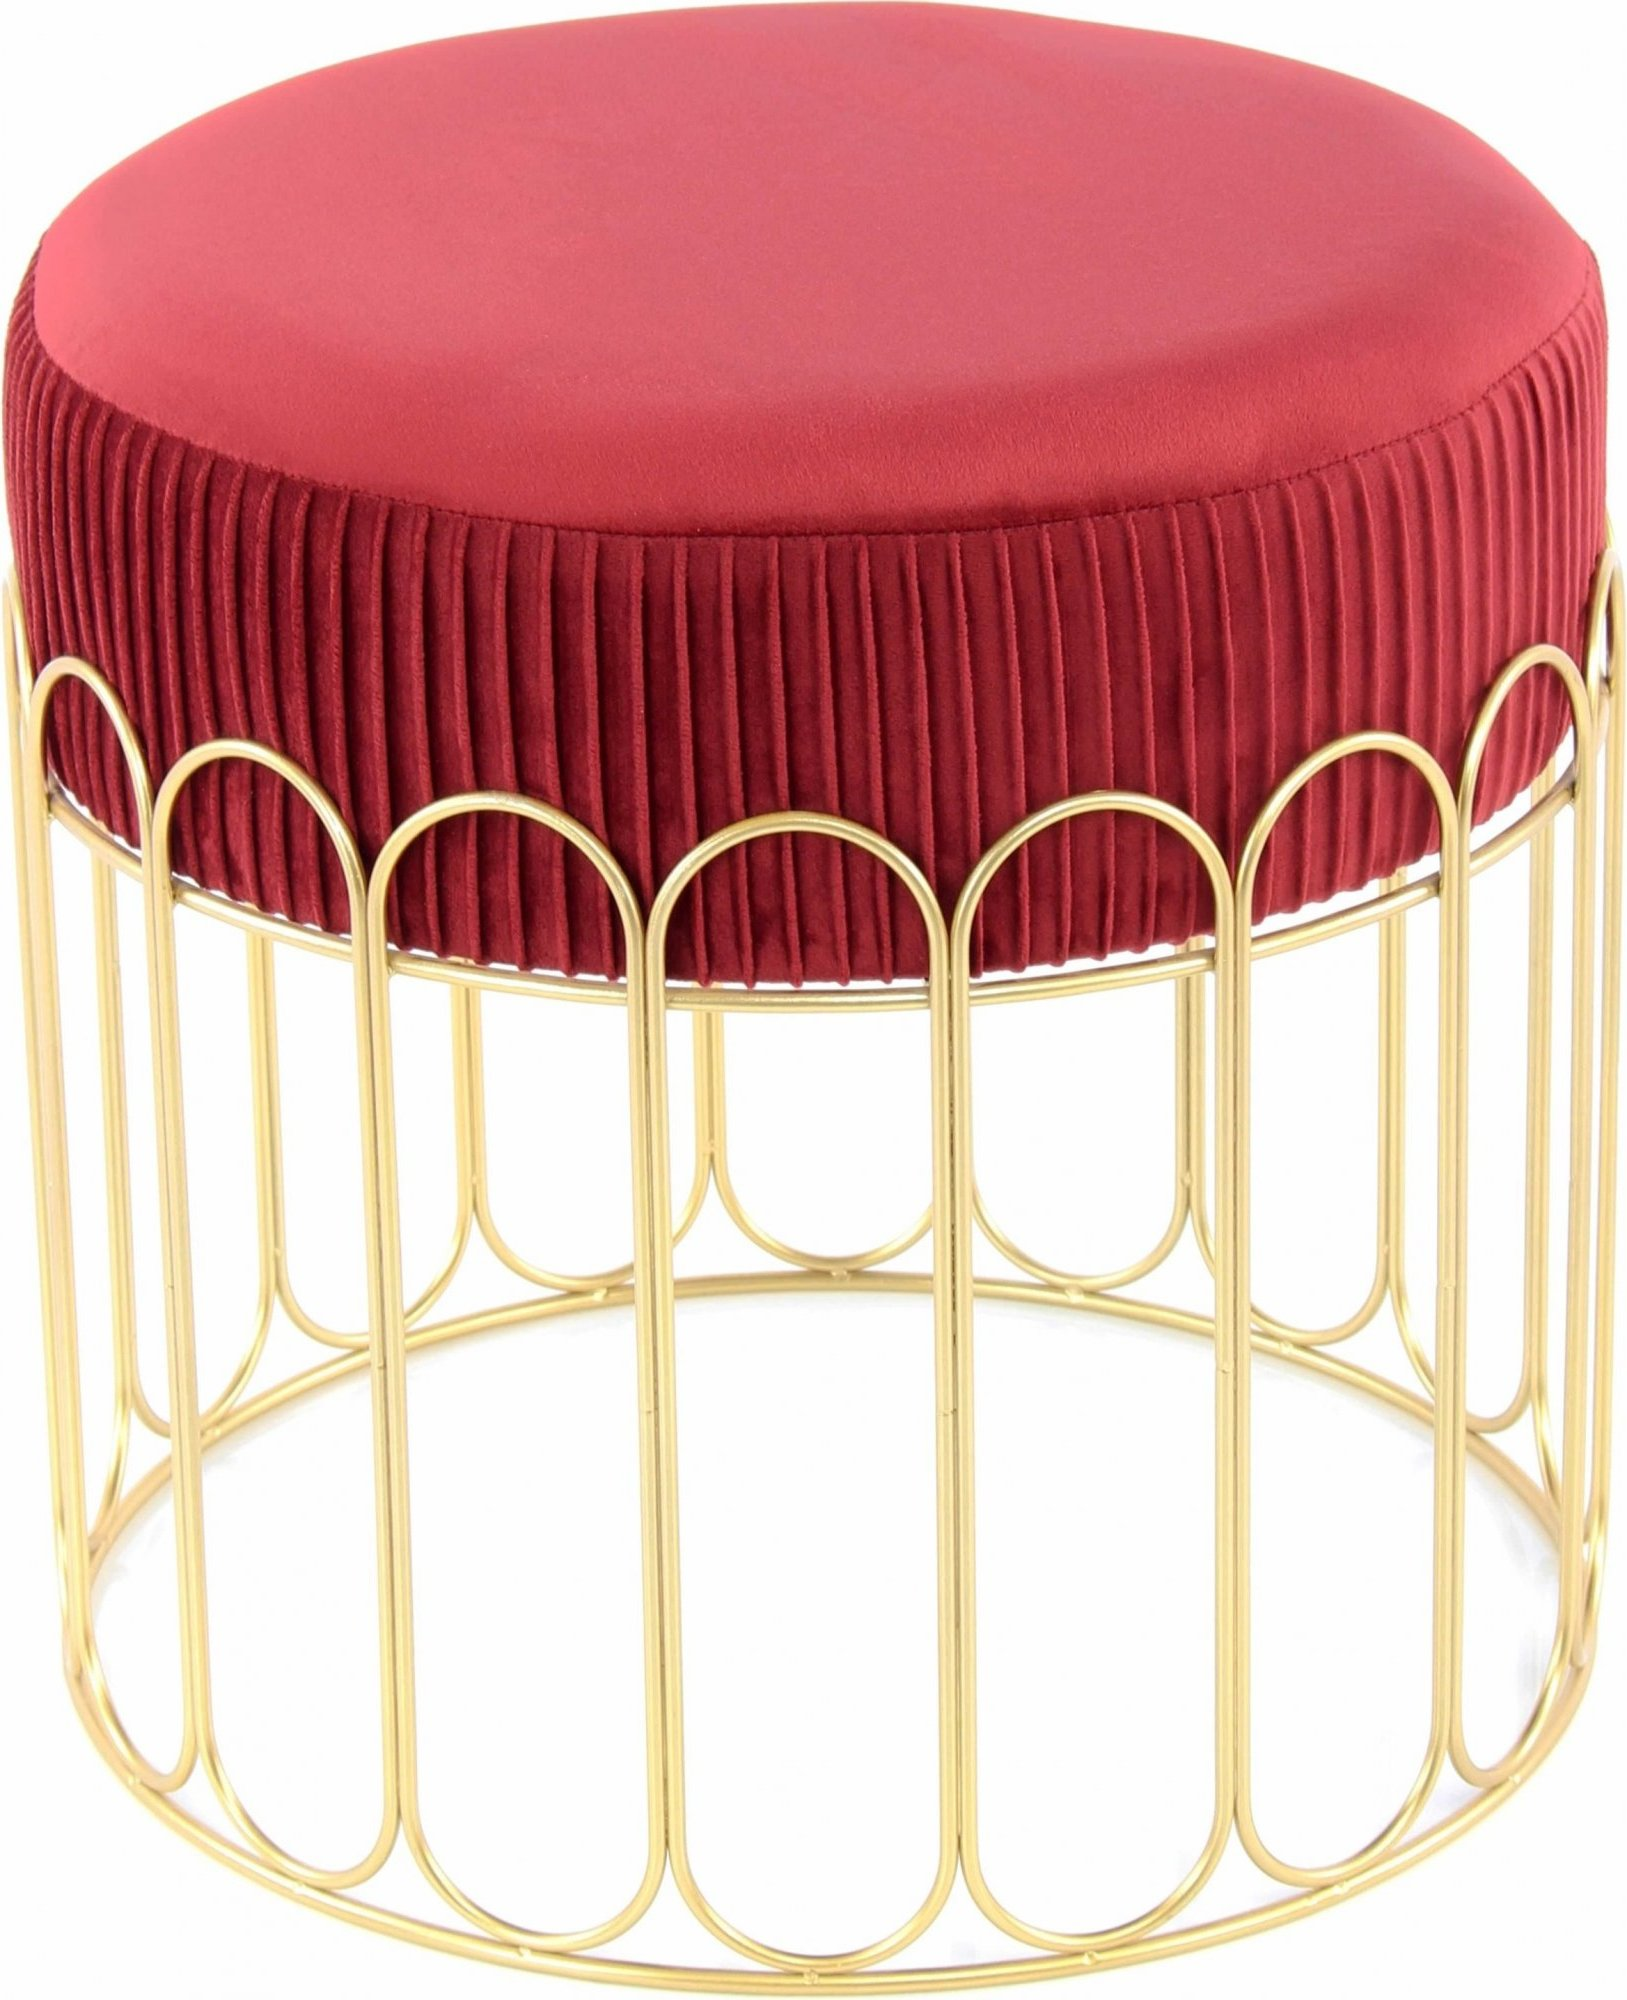 Tabouret assise rembourrée couleur rouge et doré h40cm